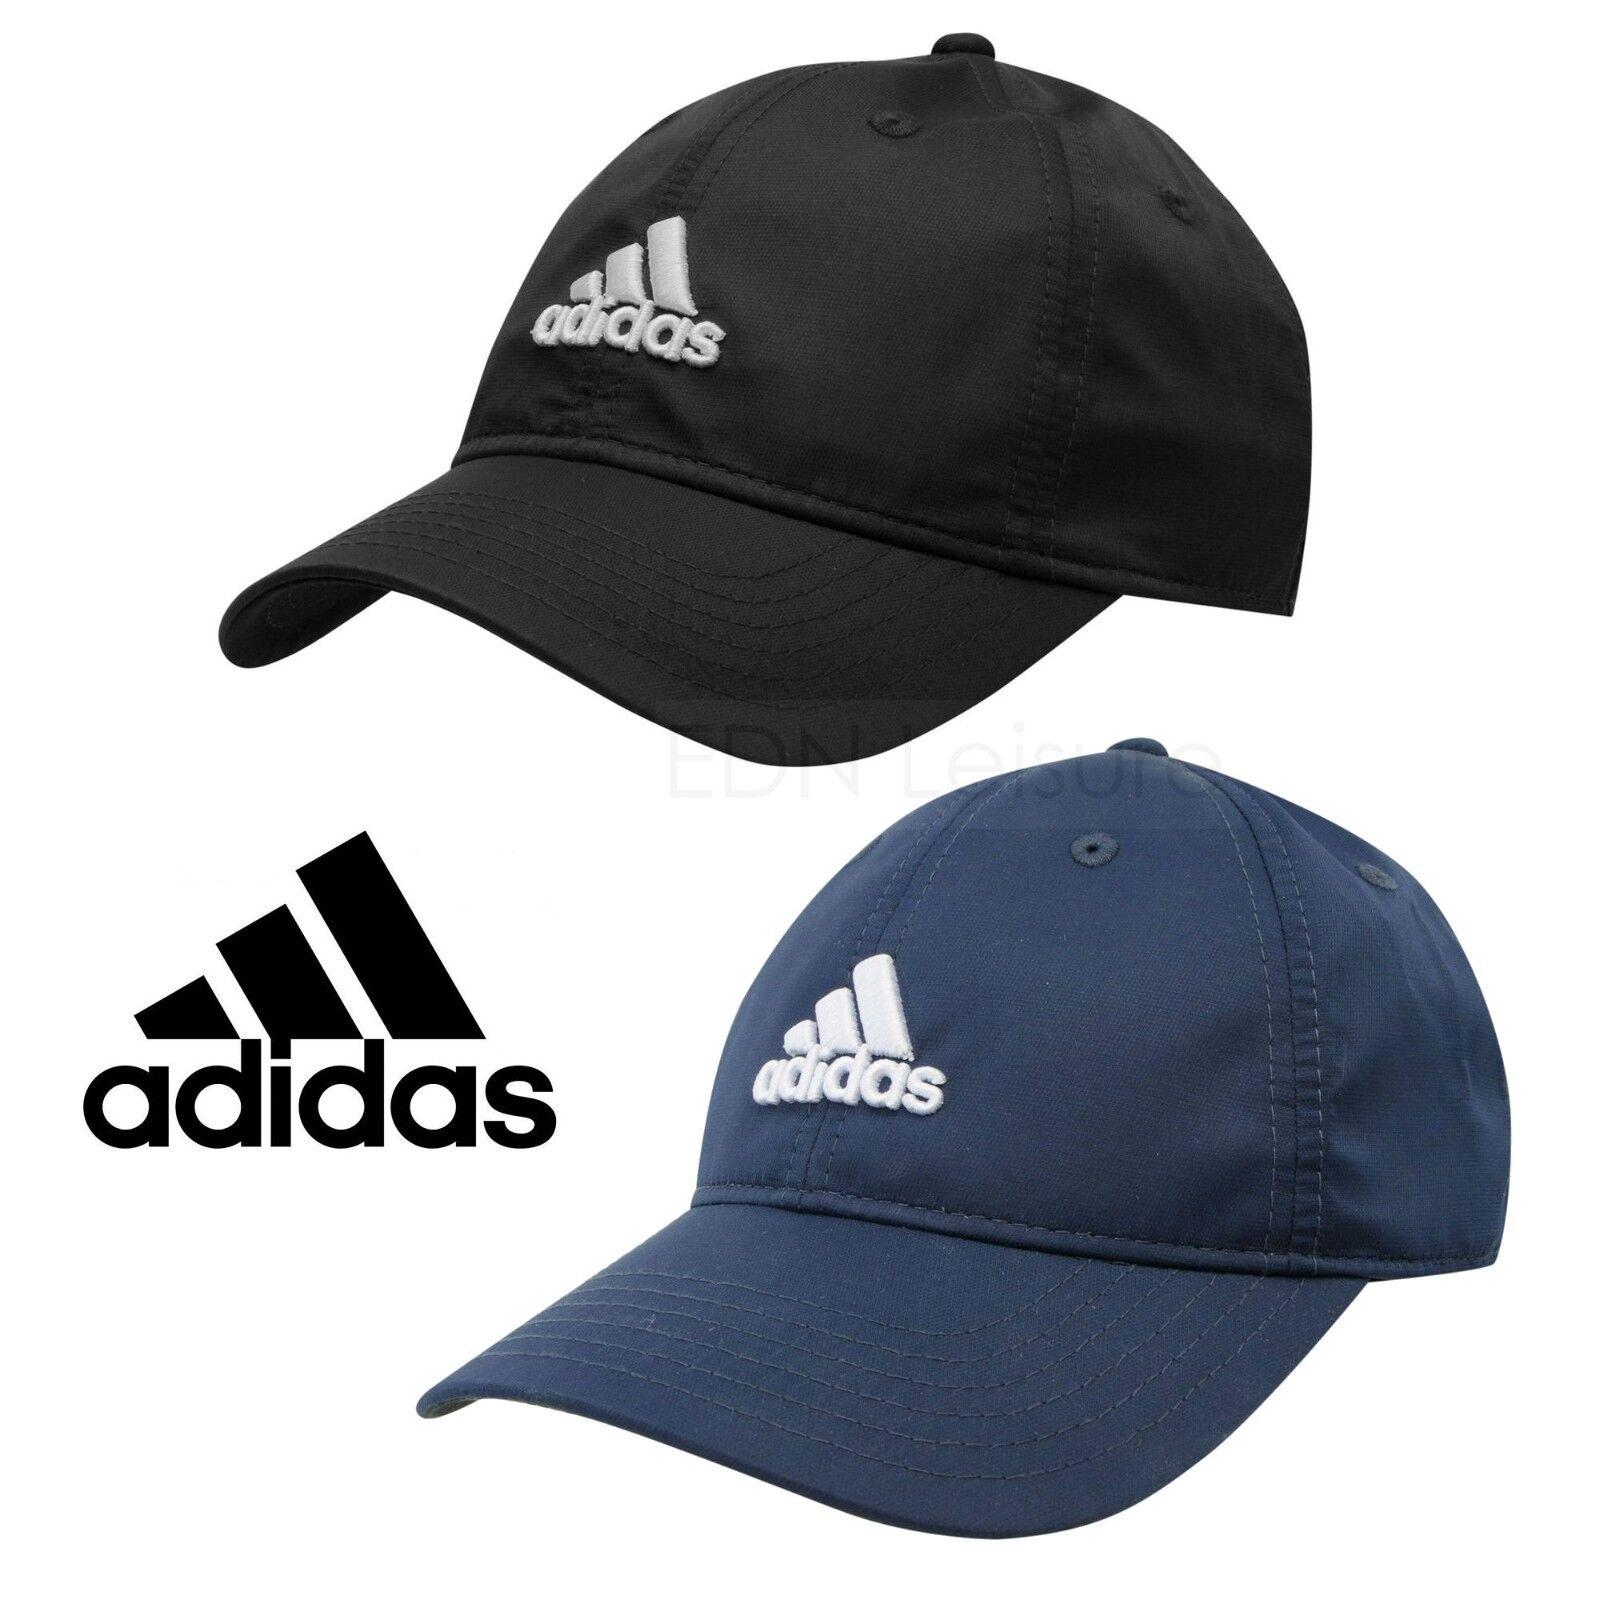 Junior Adidas Logo Cap Boys Girls Kids Hat Running Golf Baseball ... 1aac07f1e30